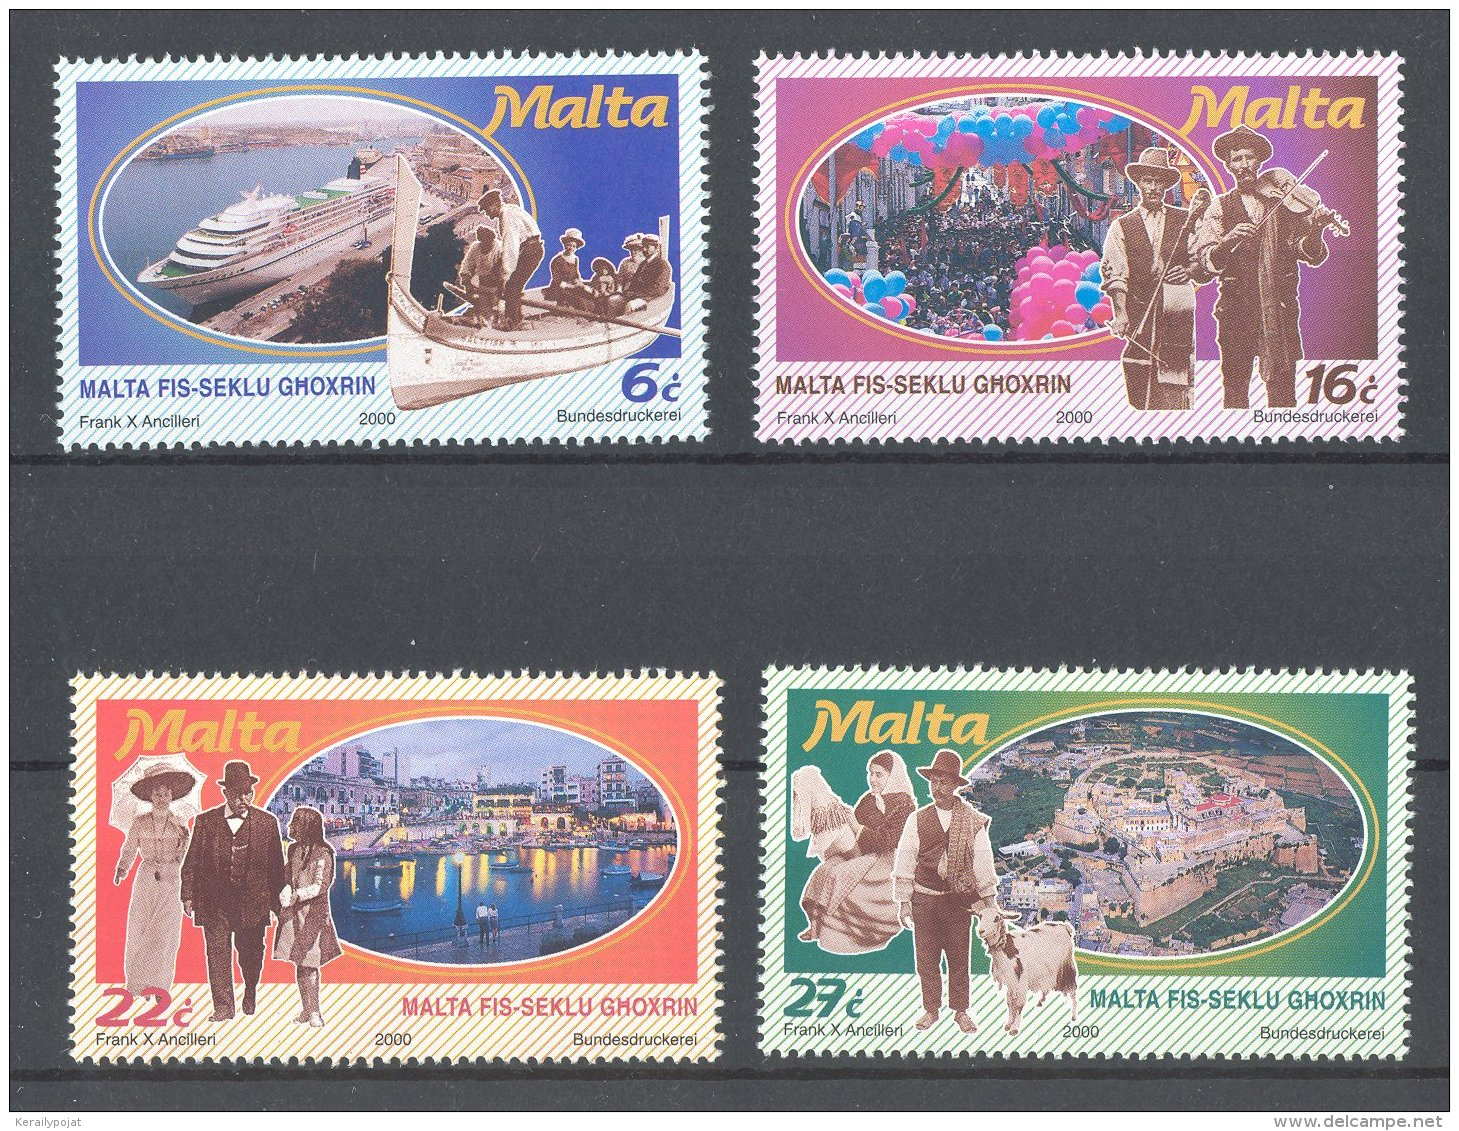 Malta - 2000 Malta And Gozo MNH__(TH-17949) - Malta